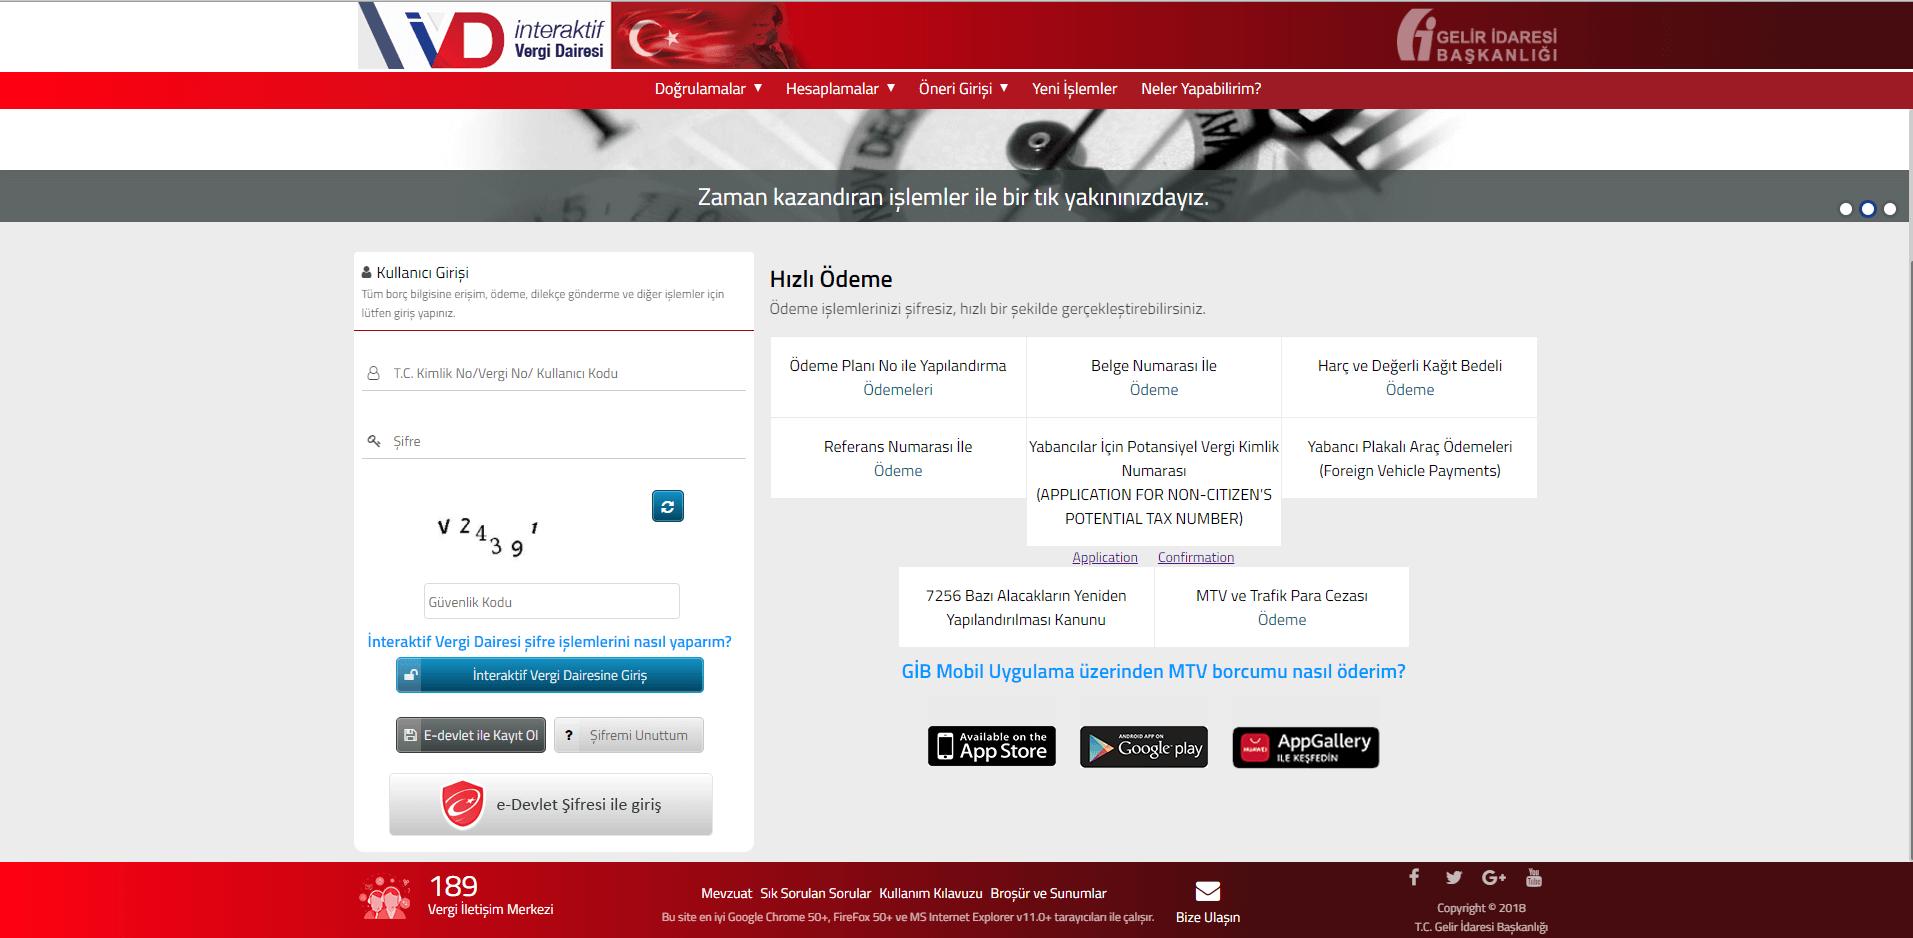 آموزش دریافت شماره مالیاتی در ترکیه